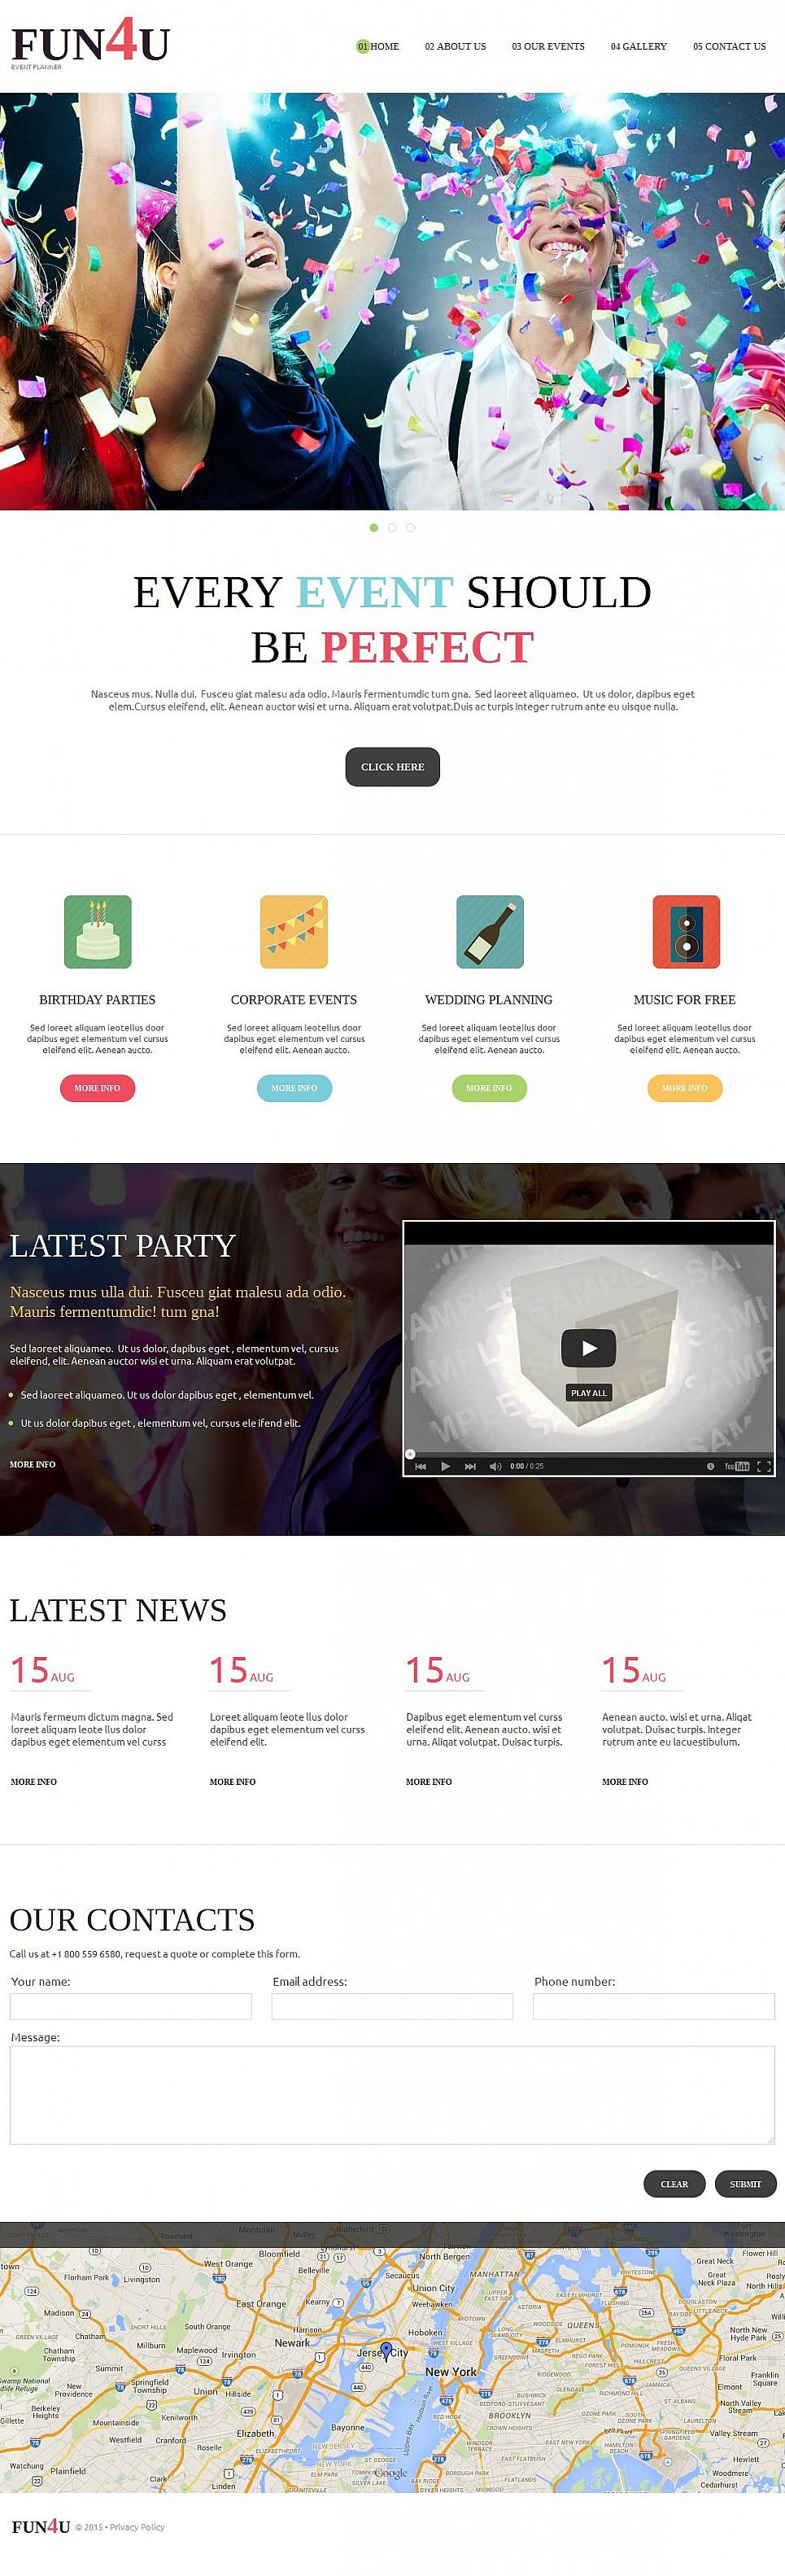 Event Planner Website Design - image